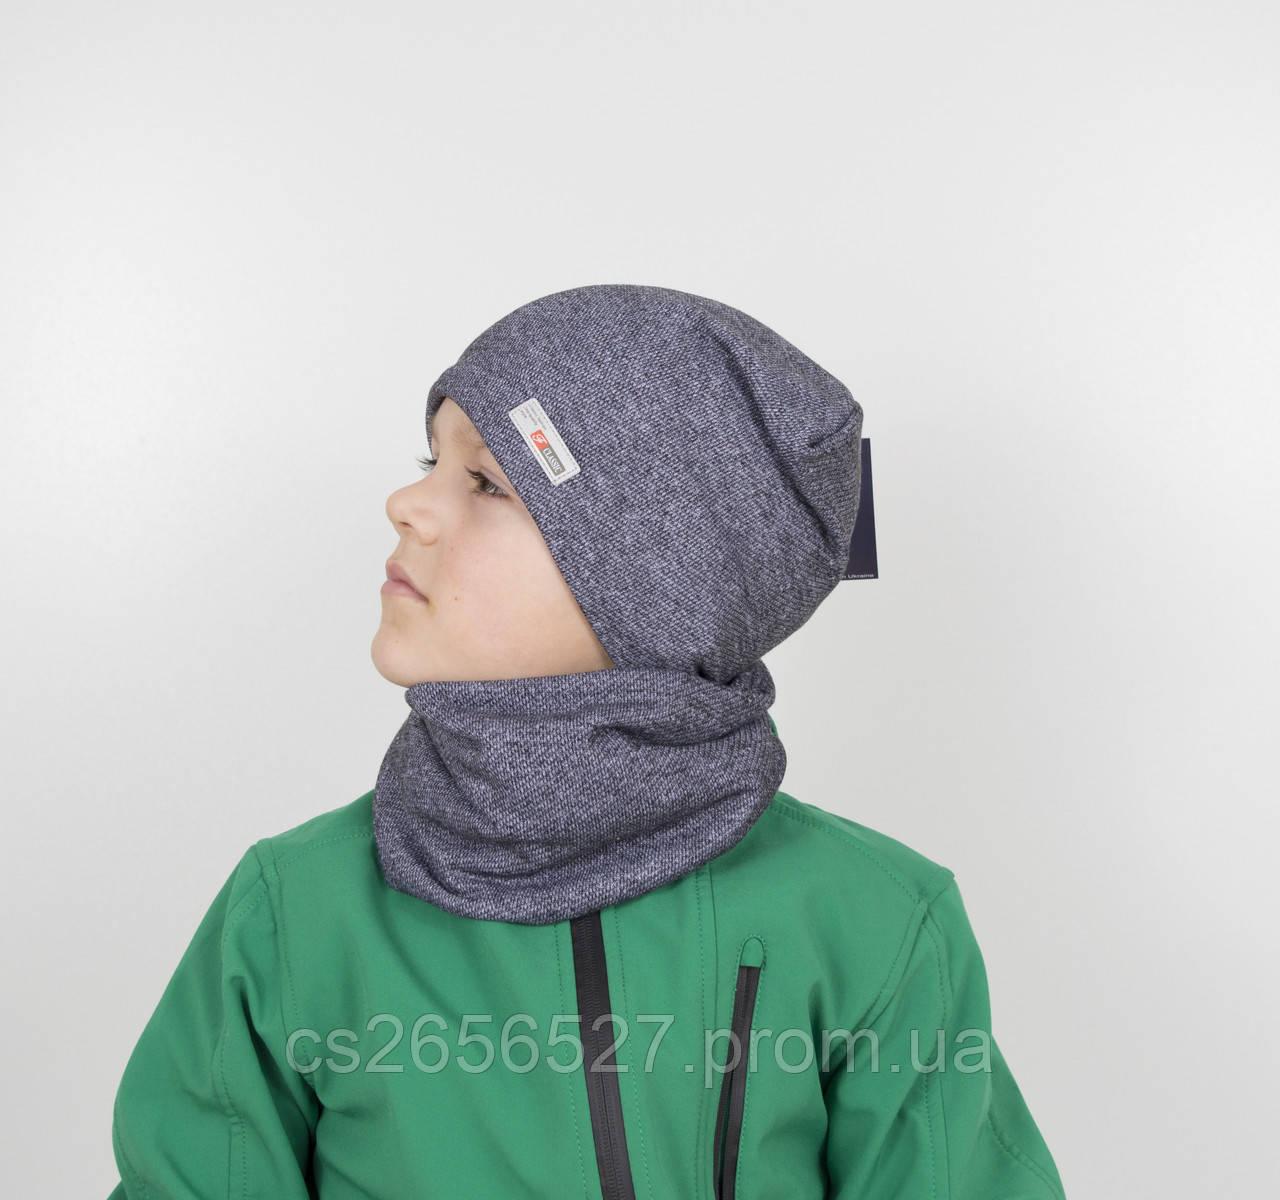 Детская,подростковая шапка+ хомут